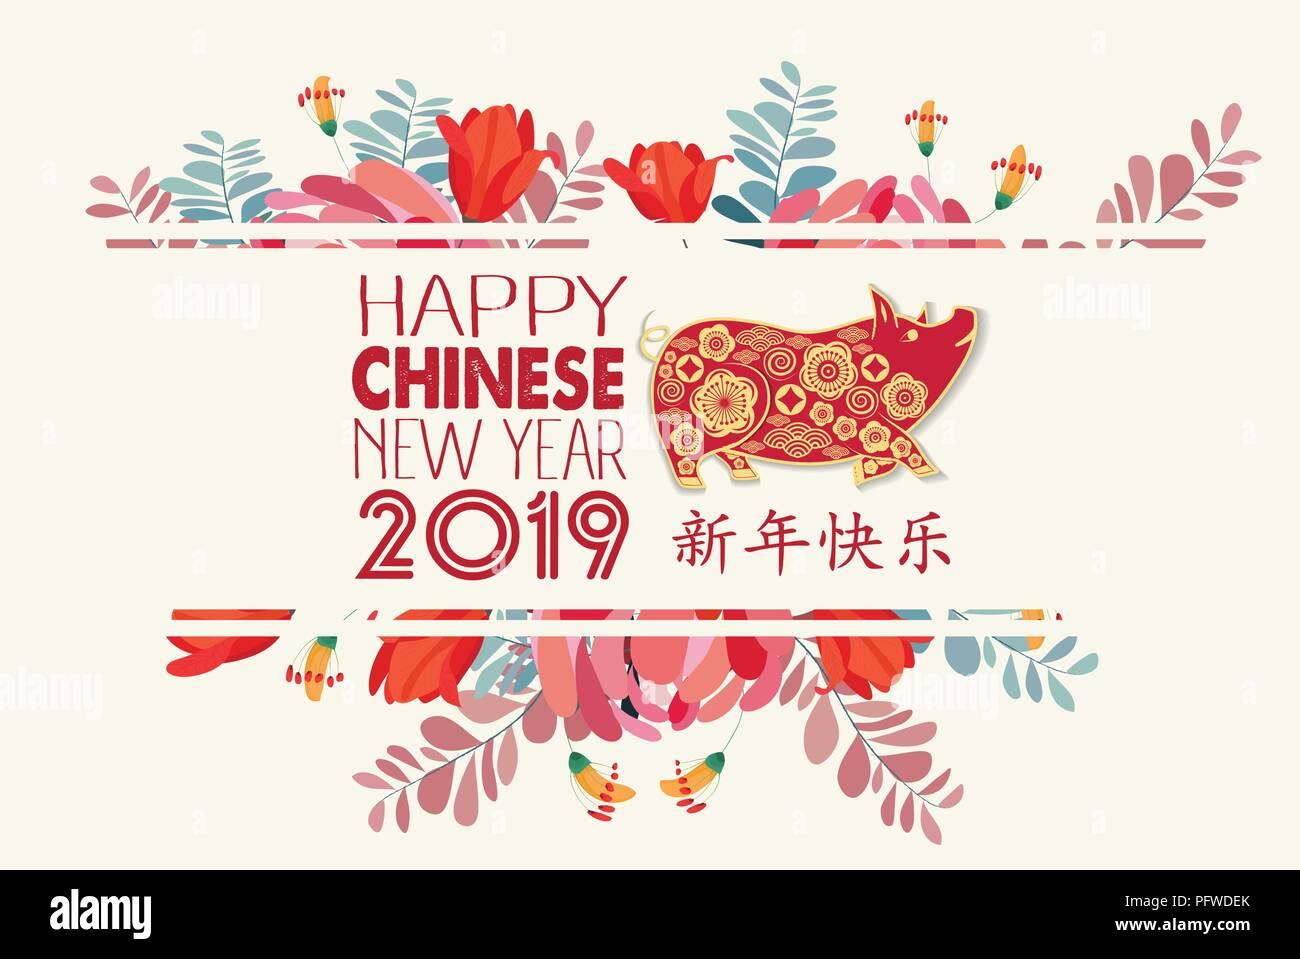 creative chinese new year